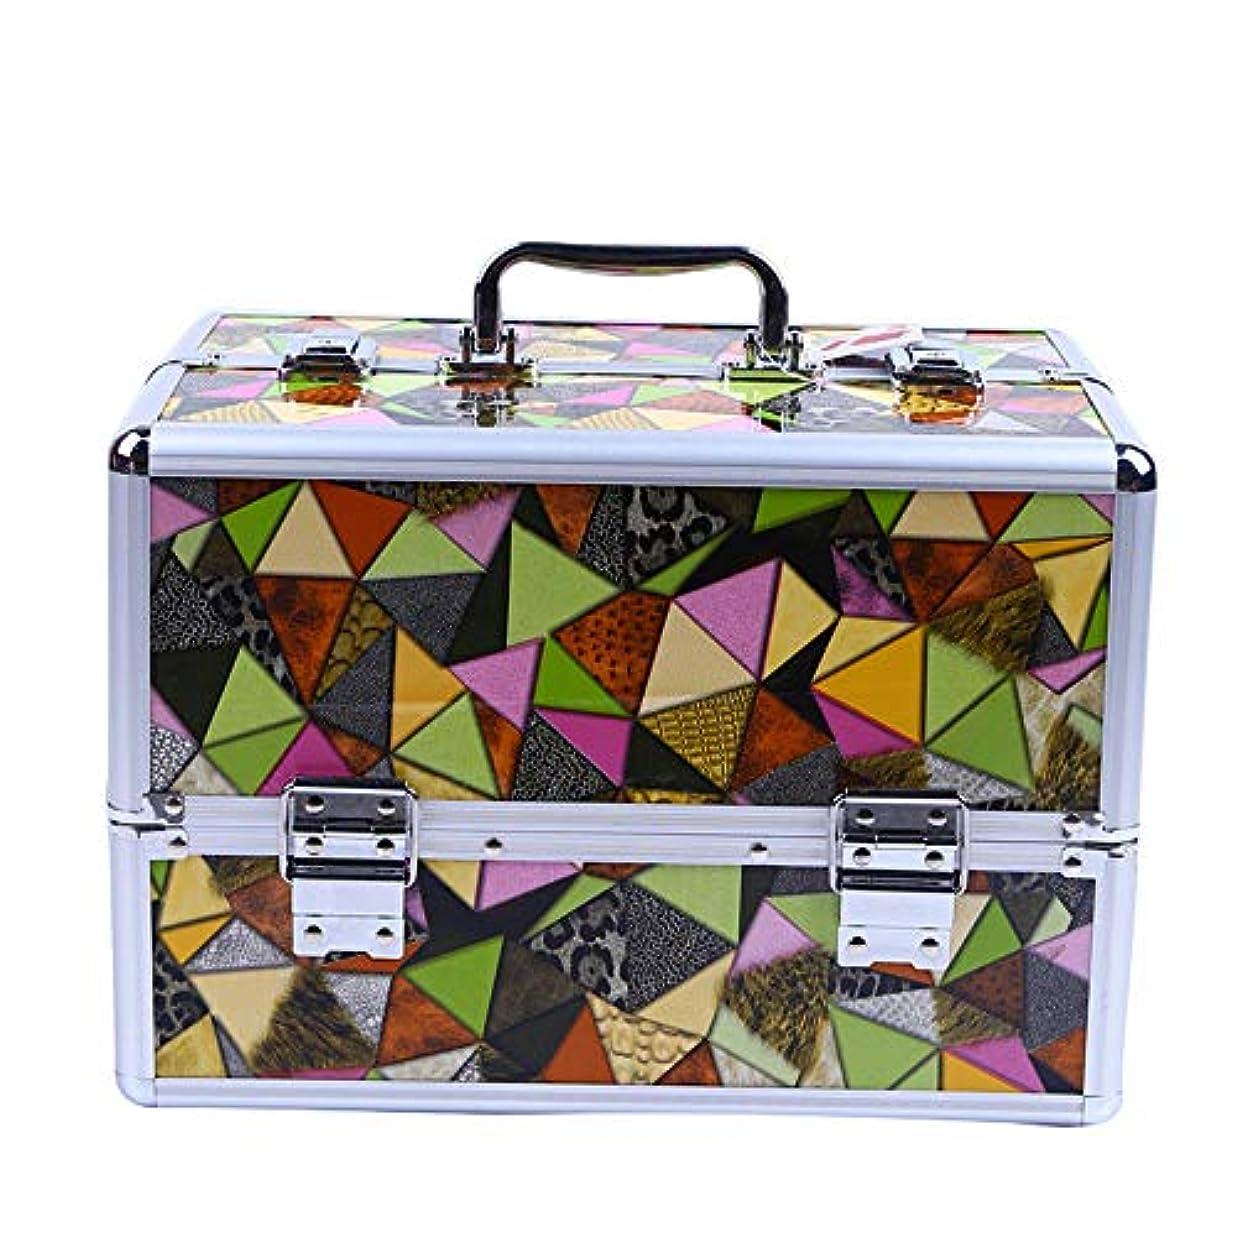 スーツケースサンドイッチ虐殺化粧オーガナイザーバッグ 高容量ポータブルPUレザー化粧品美容メイクアップ化粧ケース幾何学模様と折り畳みトレイ 化粧品ケース